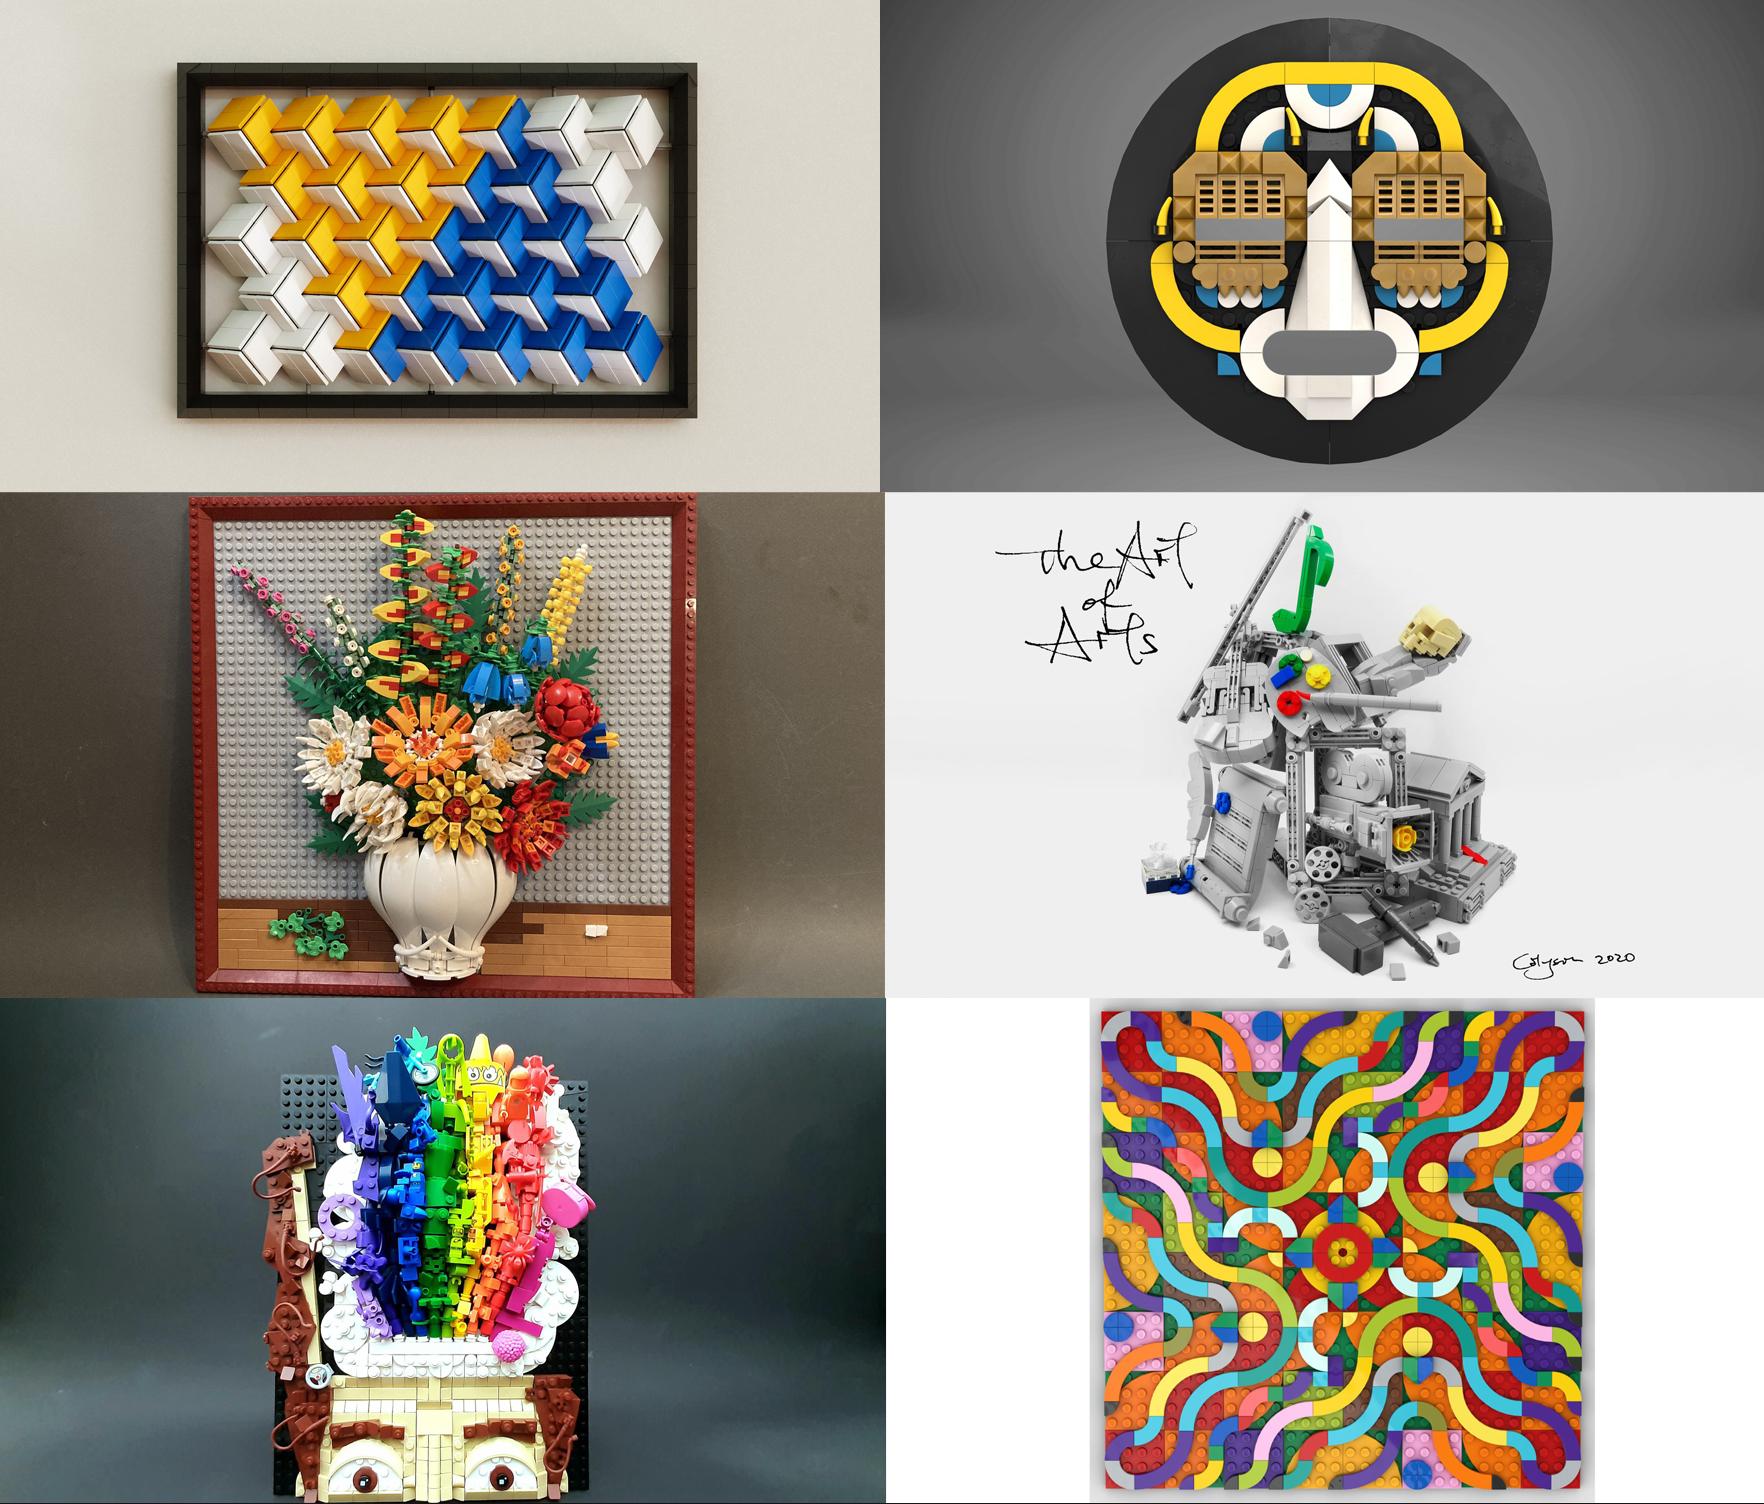 自分の作品がデンマークのレゴ本社に展示されるかも!レゴアイデアのレゴアートコンテスト開催中:2020